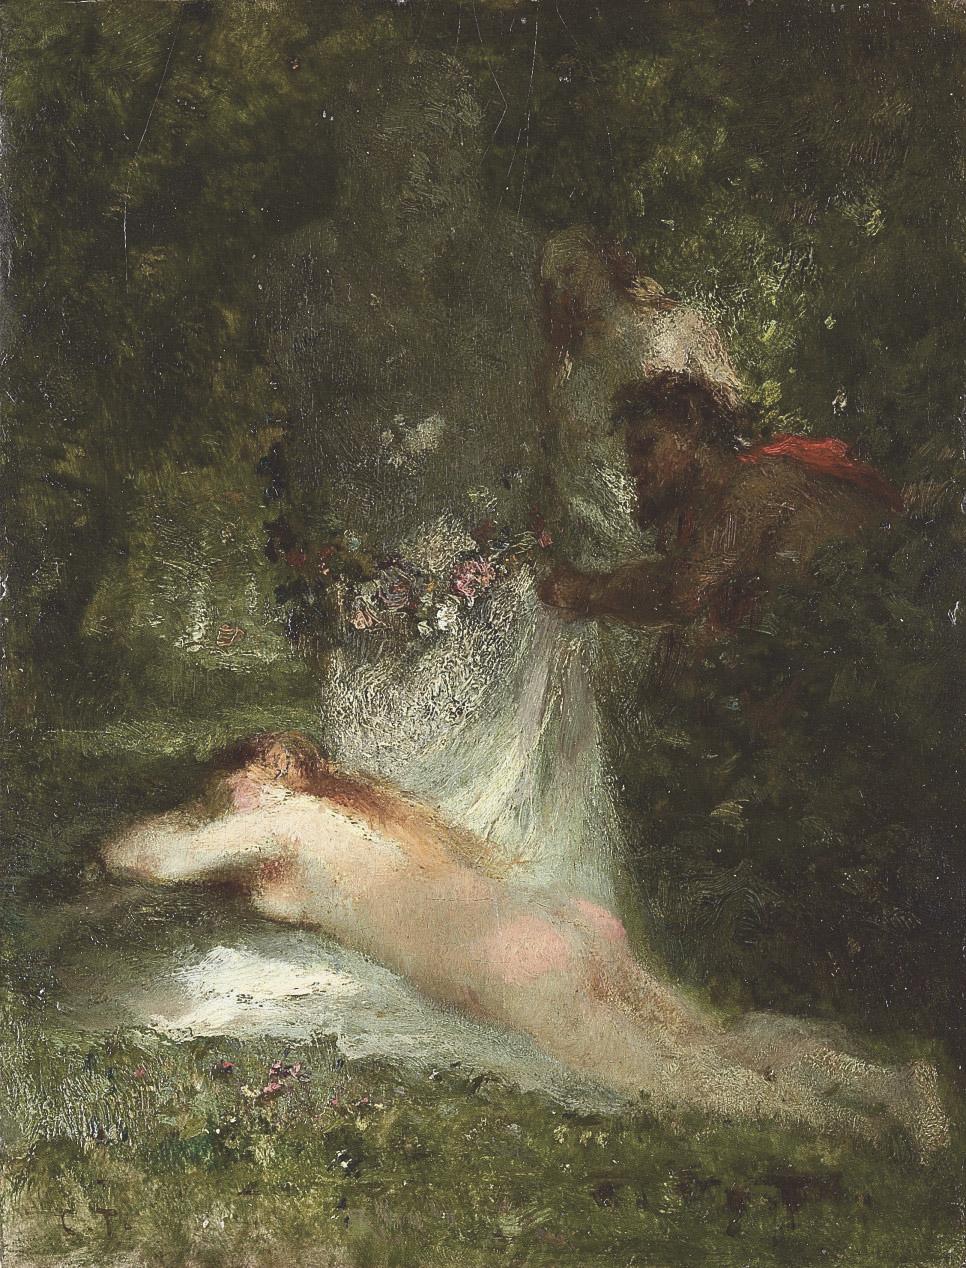 Le sommeil de la nymphe